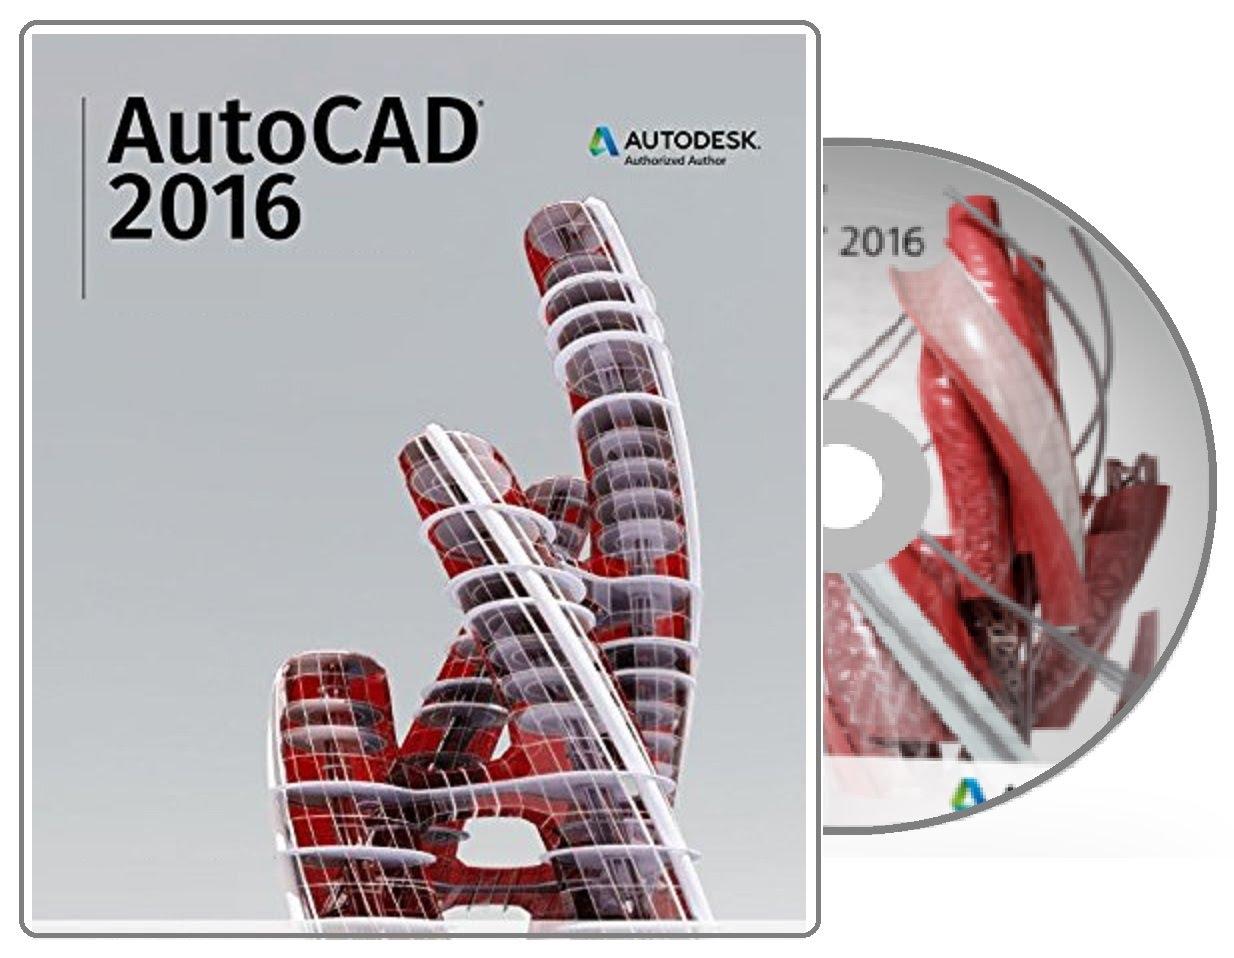 AutoCad Video Tutorial in Urdu Free Download - ComputerPakistan